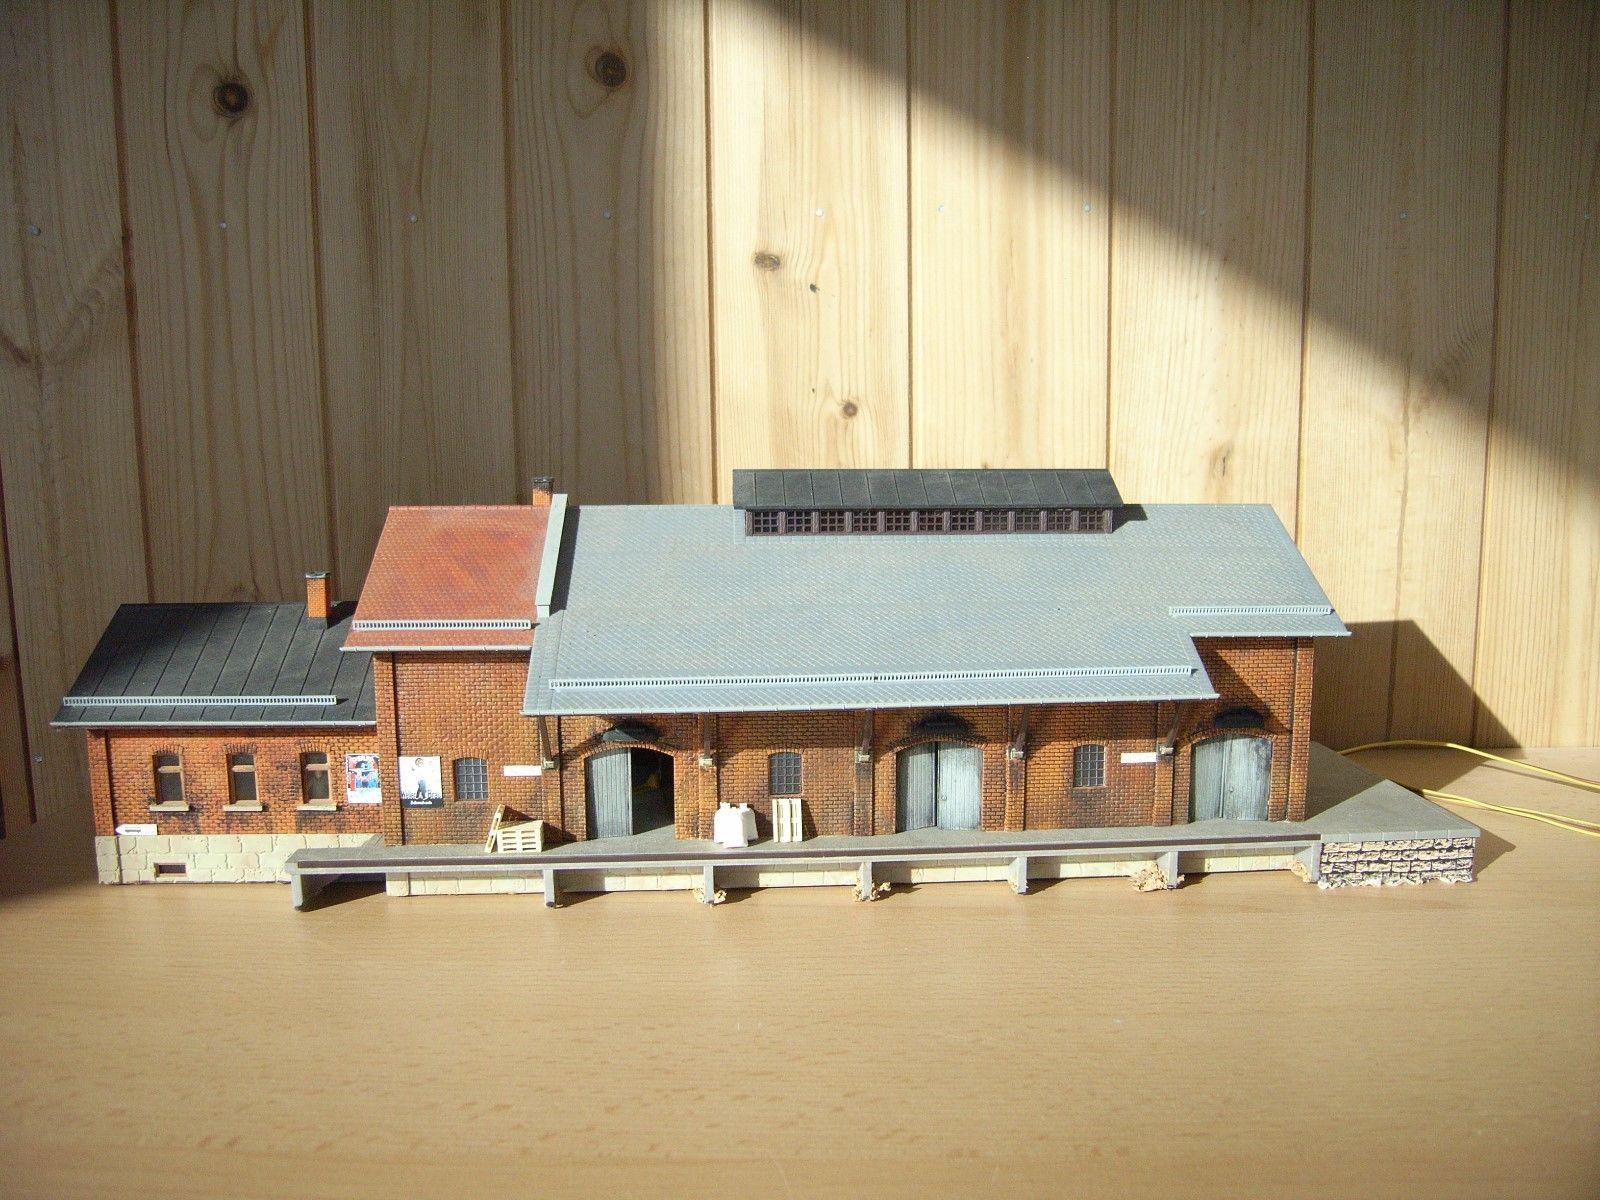 Kibri Ho 9462 Guterschuppen Munchberg Top Fertig Inneneinrichtung Beleuchtung Ebay House Styles Mansions Scenery